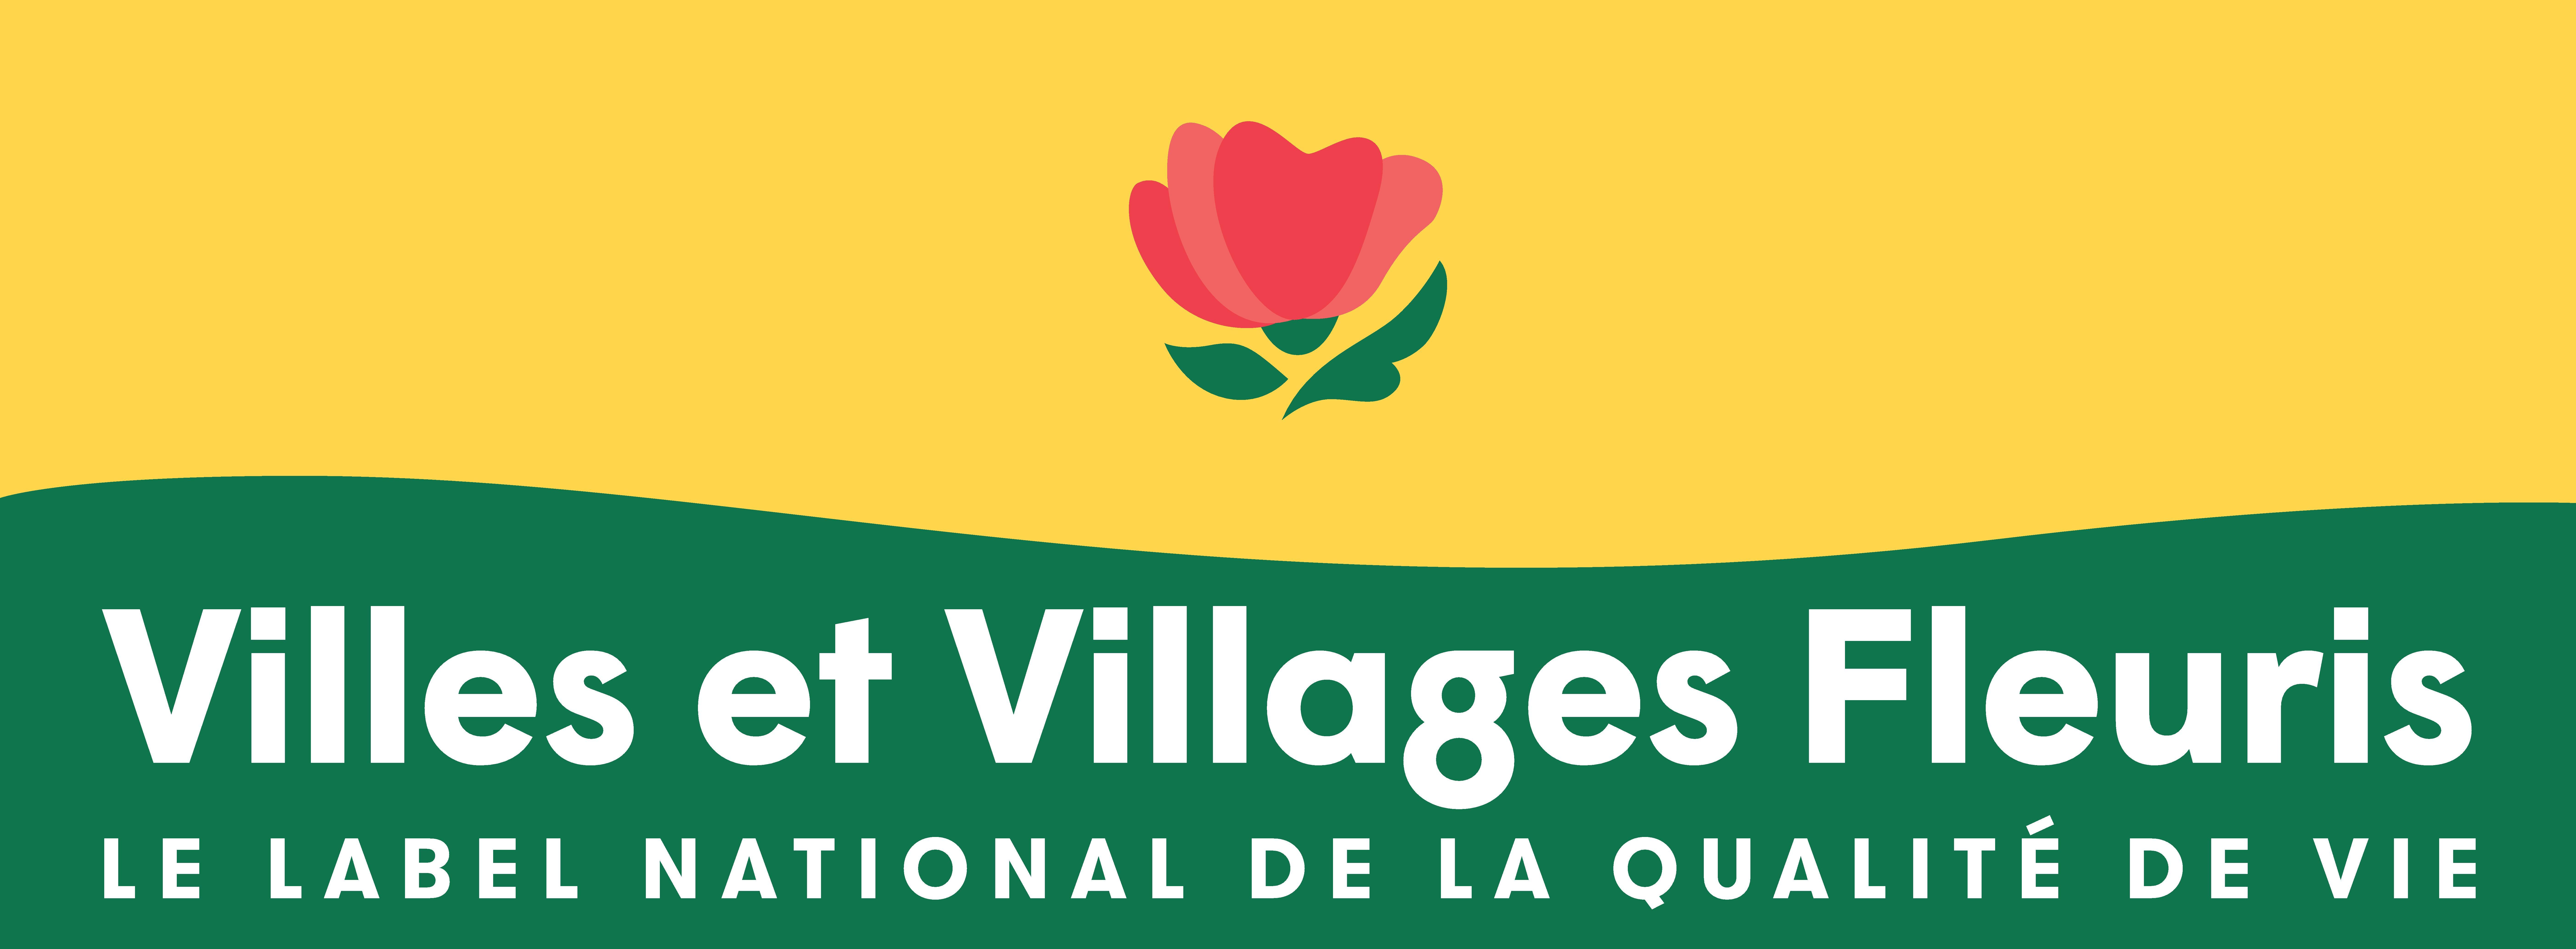 Clermont, ville fleurie